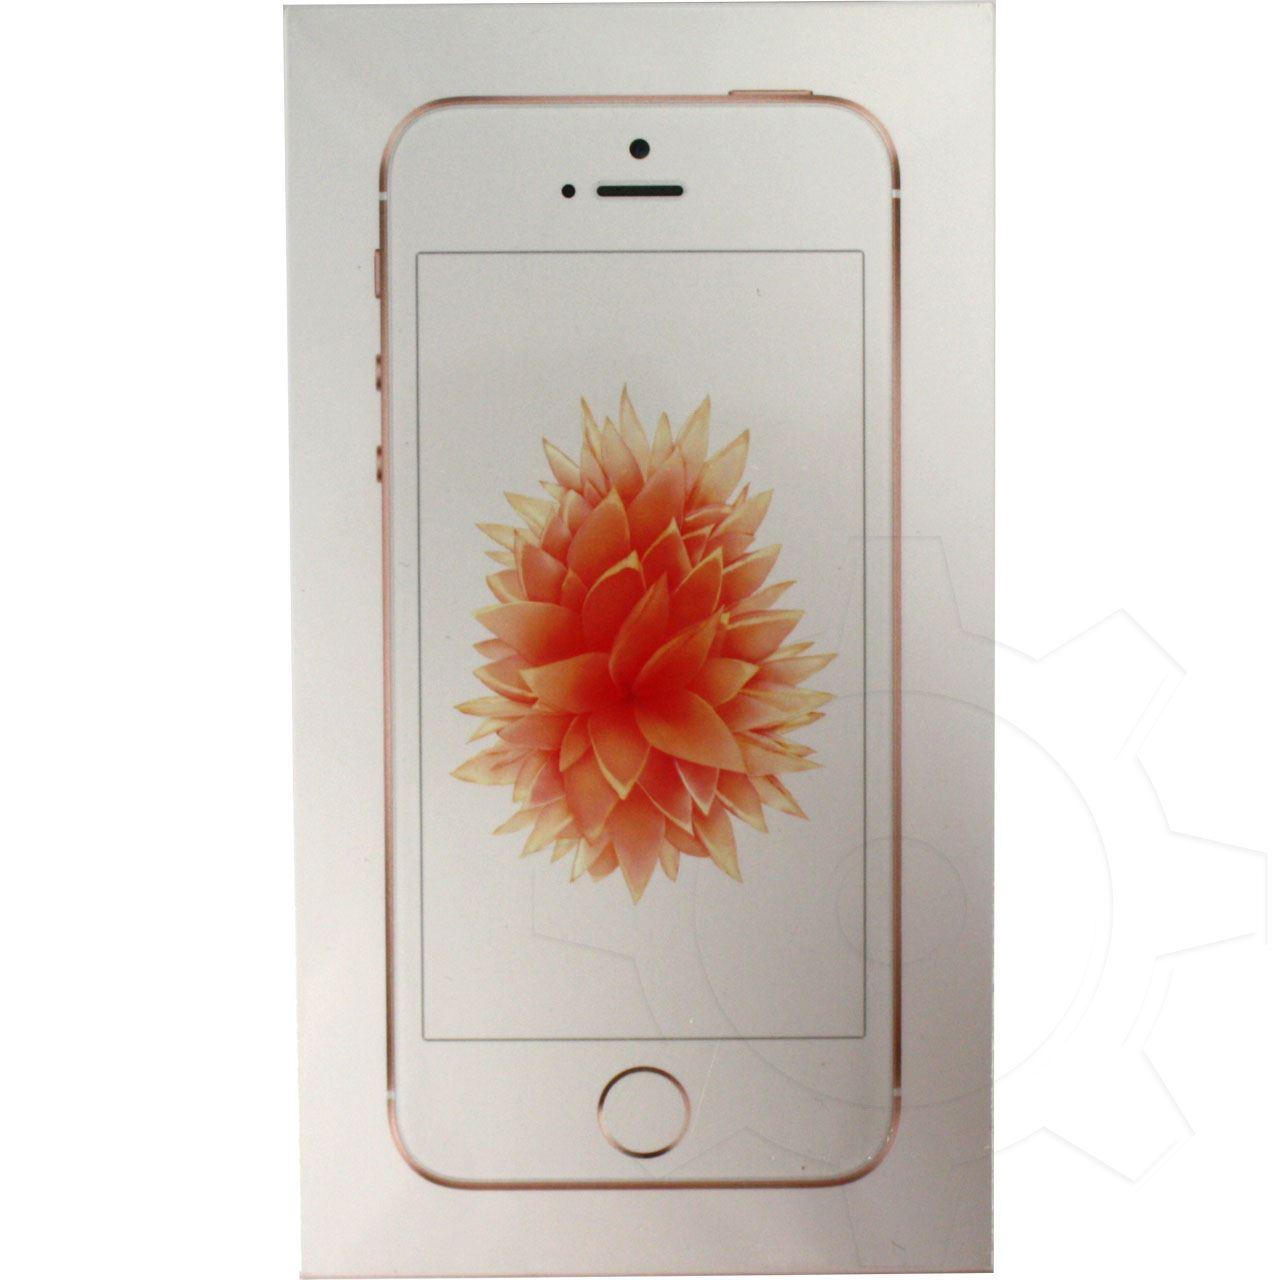 apple iphone se 128 gb rosegold smartphones ohne vertrag. Black Bedroom Furniture Sets. Home Design Ideas